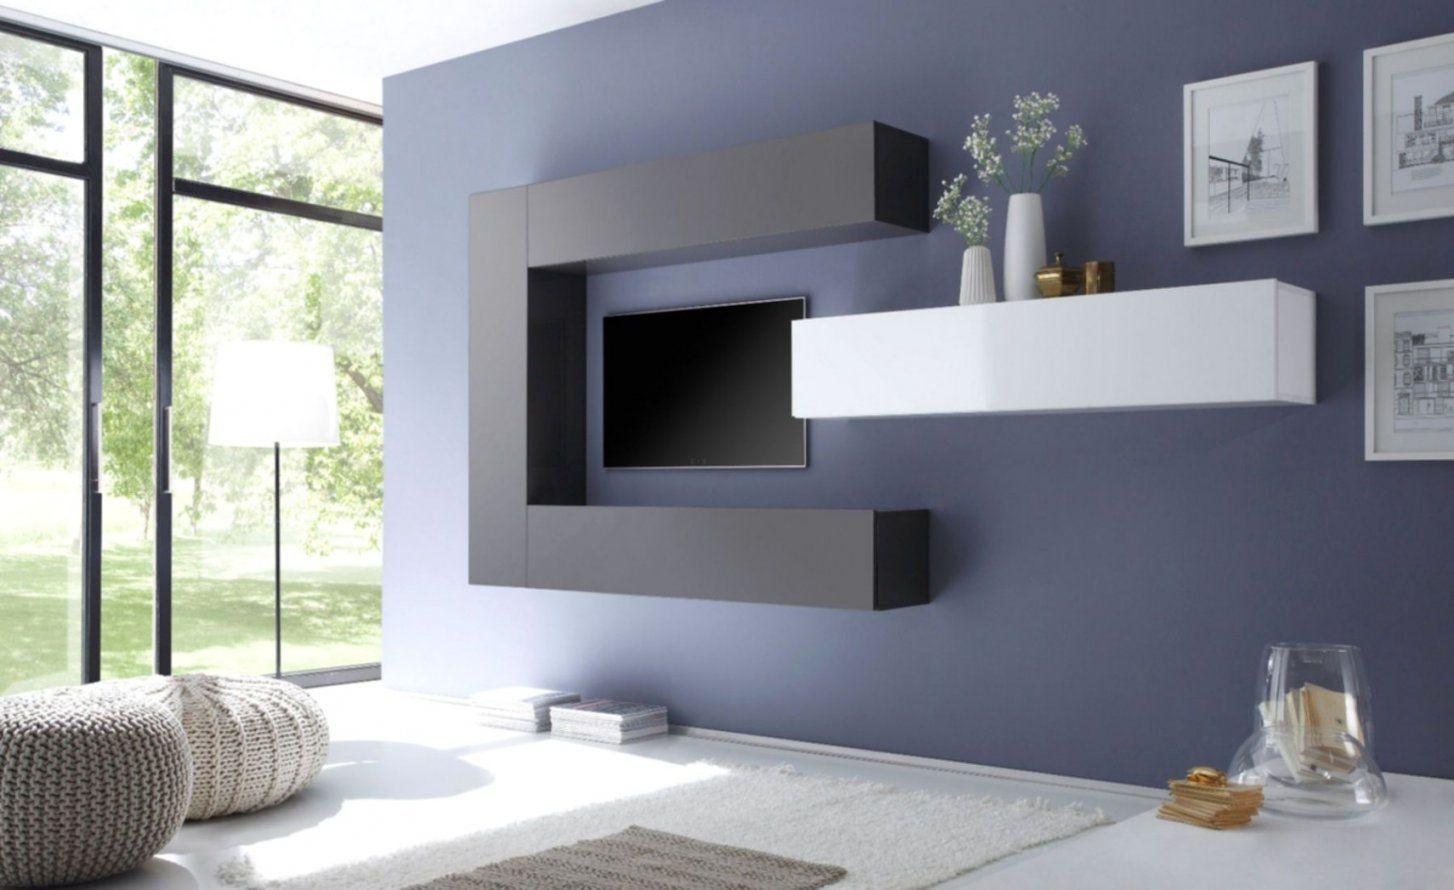 Oben Moderne Dekoration Design Wohnwand Hochglanz Waitingshare Für von Designer Wohnwand Weiß Hochglanz Photo